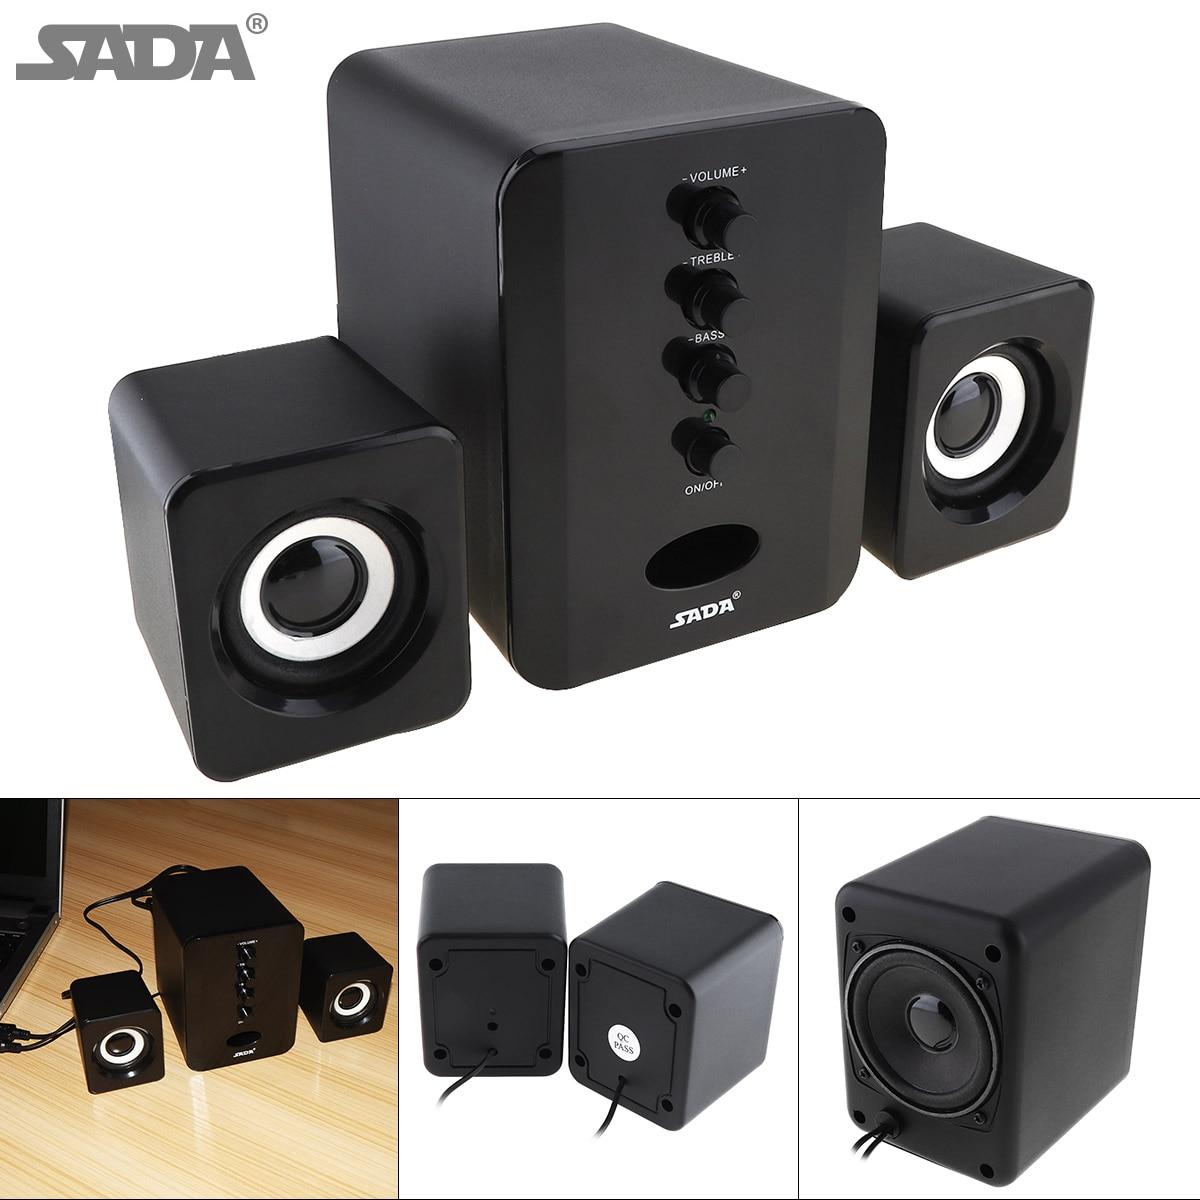 SADA Gama Completa 3D Stereo Subwoofer 2,1 PC pequeño altavoz portátil bass música DJ USB altavoces de la computadora para teléfono portátil TV